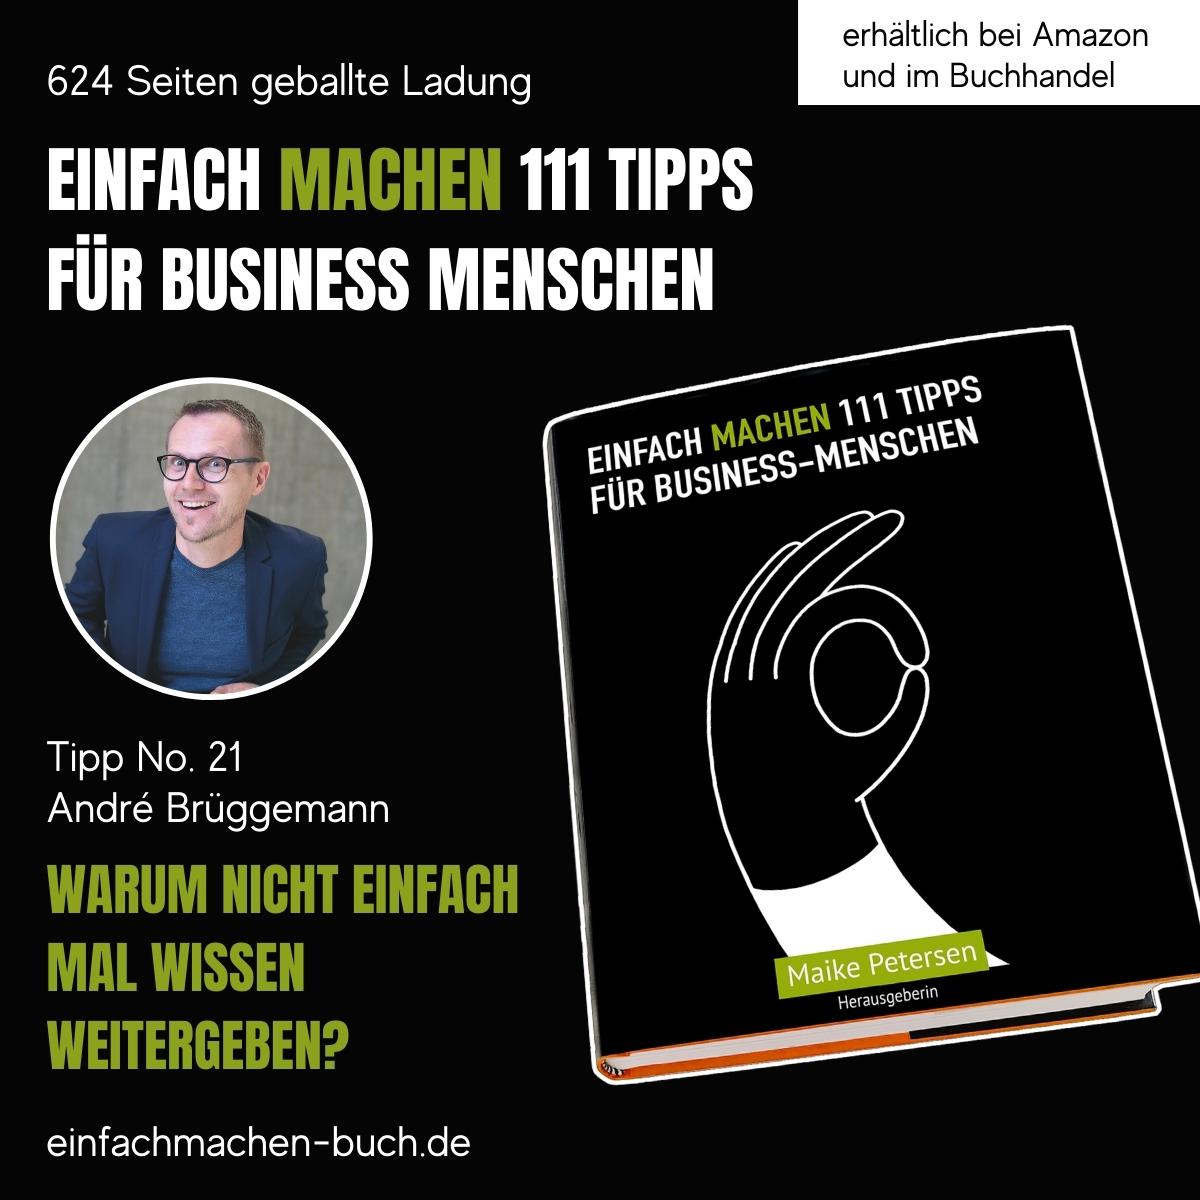 EINFACH MACHEN 111 TIPPS FÜR BUSINESS-MENSCHEN | Tipp No. 21 André Brüggemann